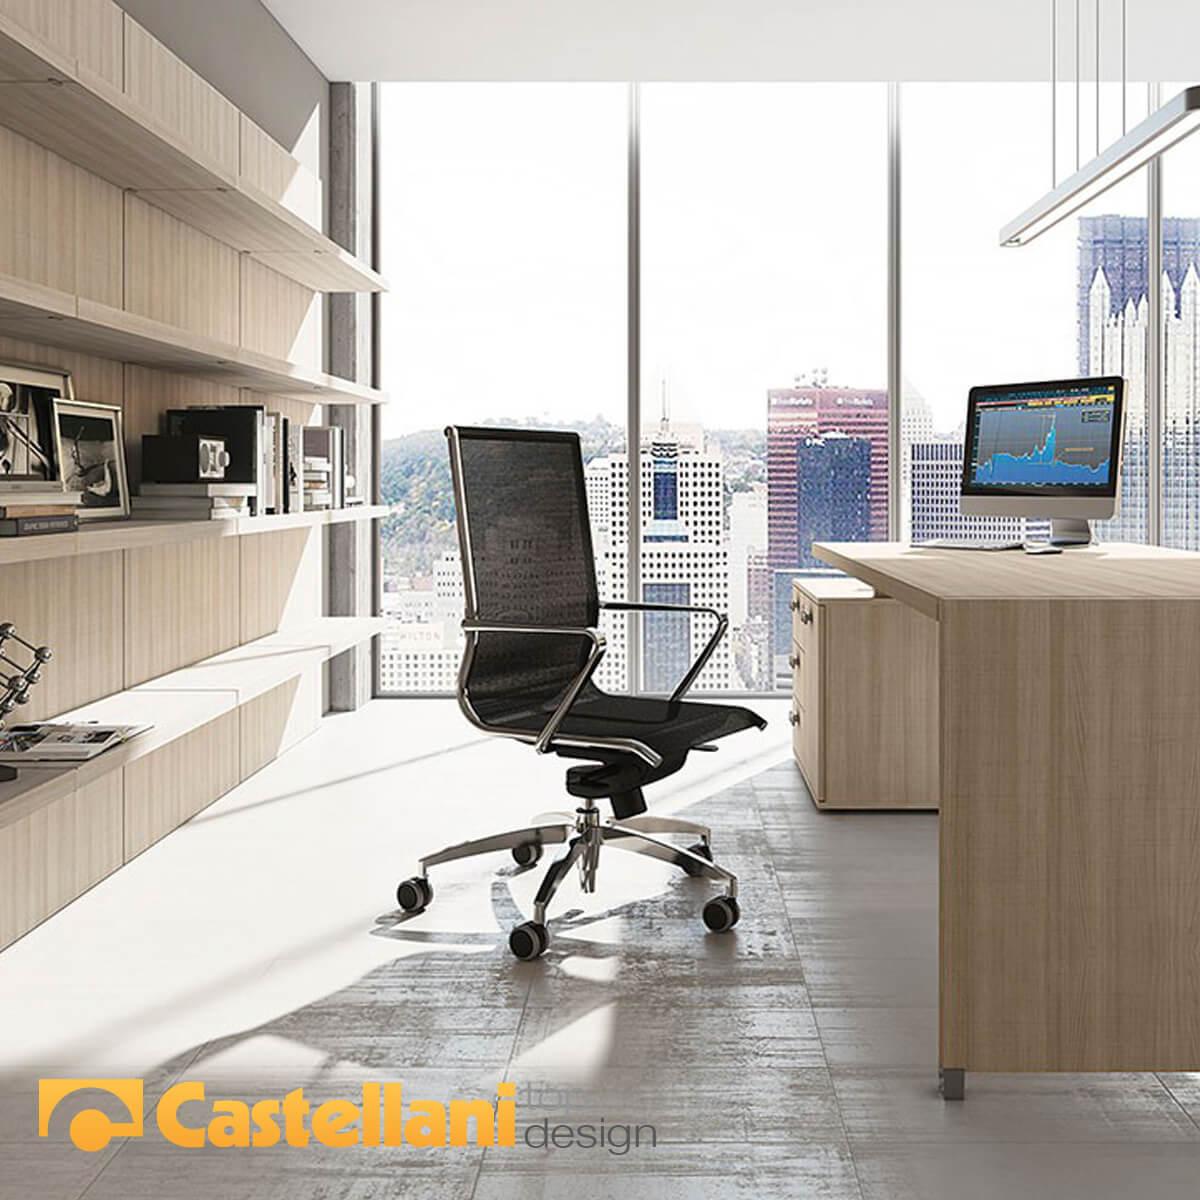 Come progettare l'arredamento per ufficio grazie a Castellani Shop